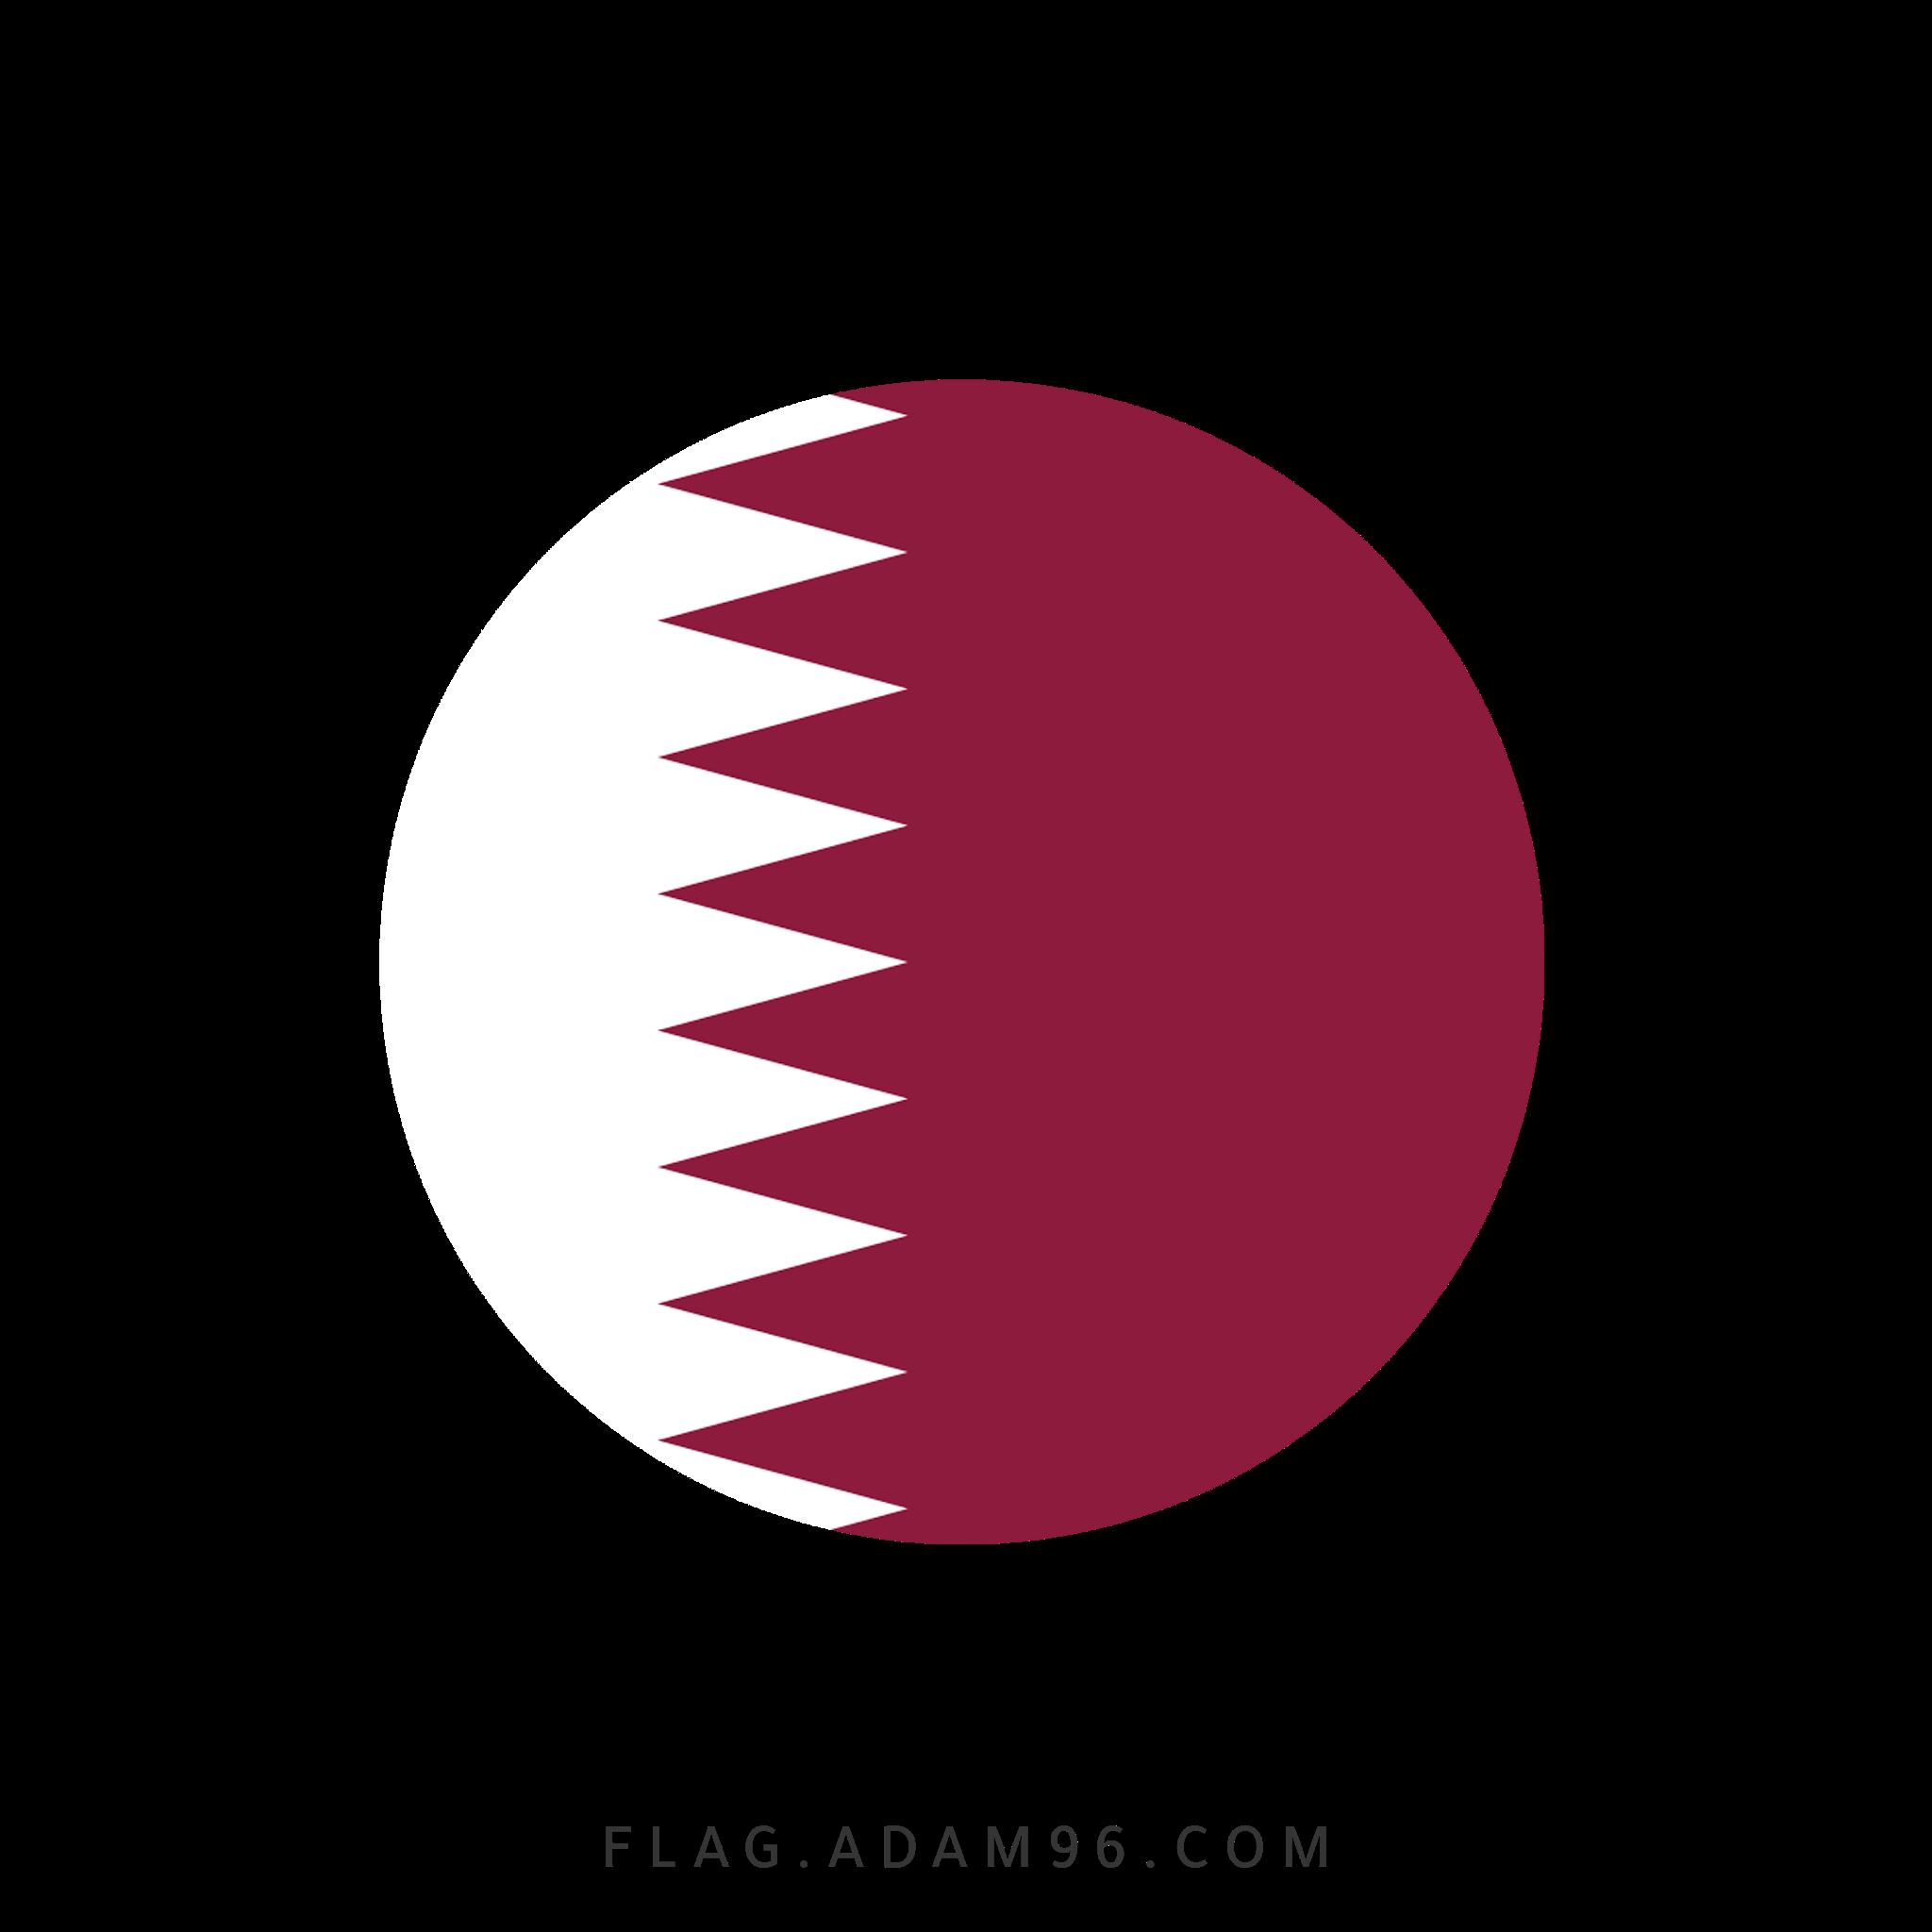 تحميل علم قطر بشكل دائري للتصميم خلفيات علم قطر للتصميم بصيغة PNG